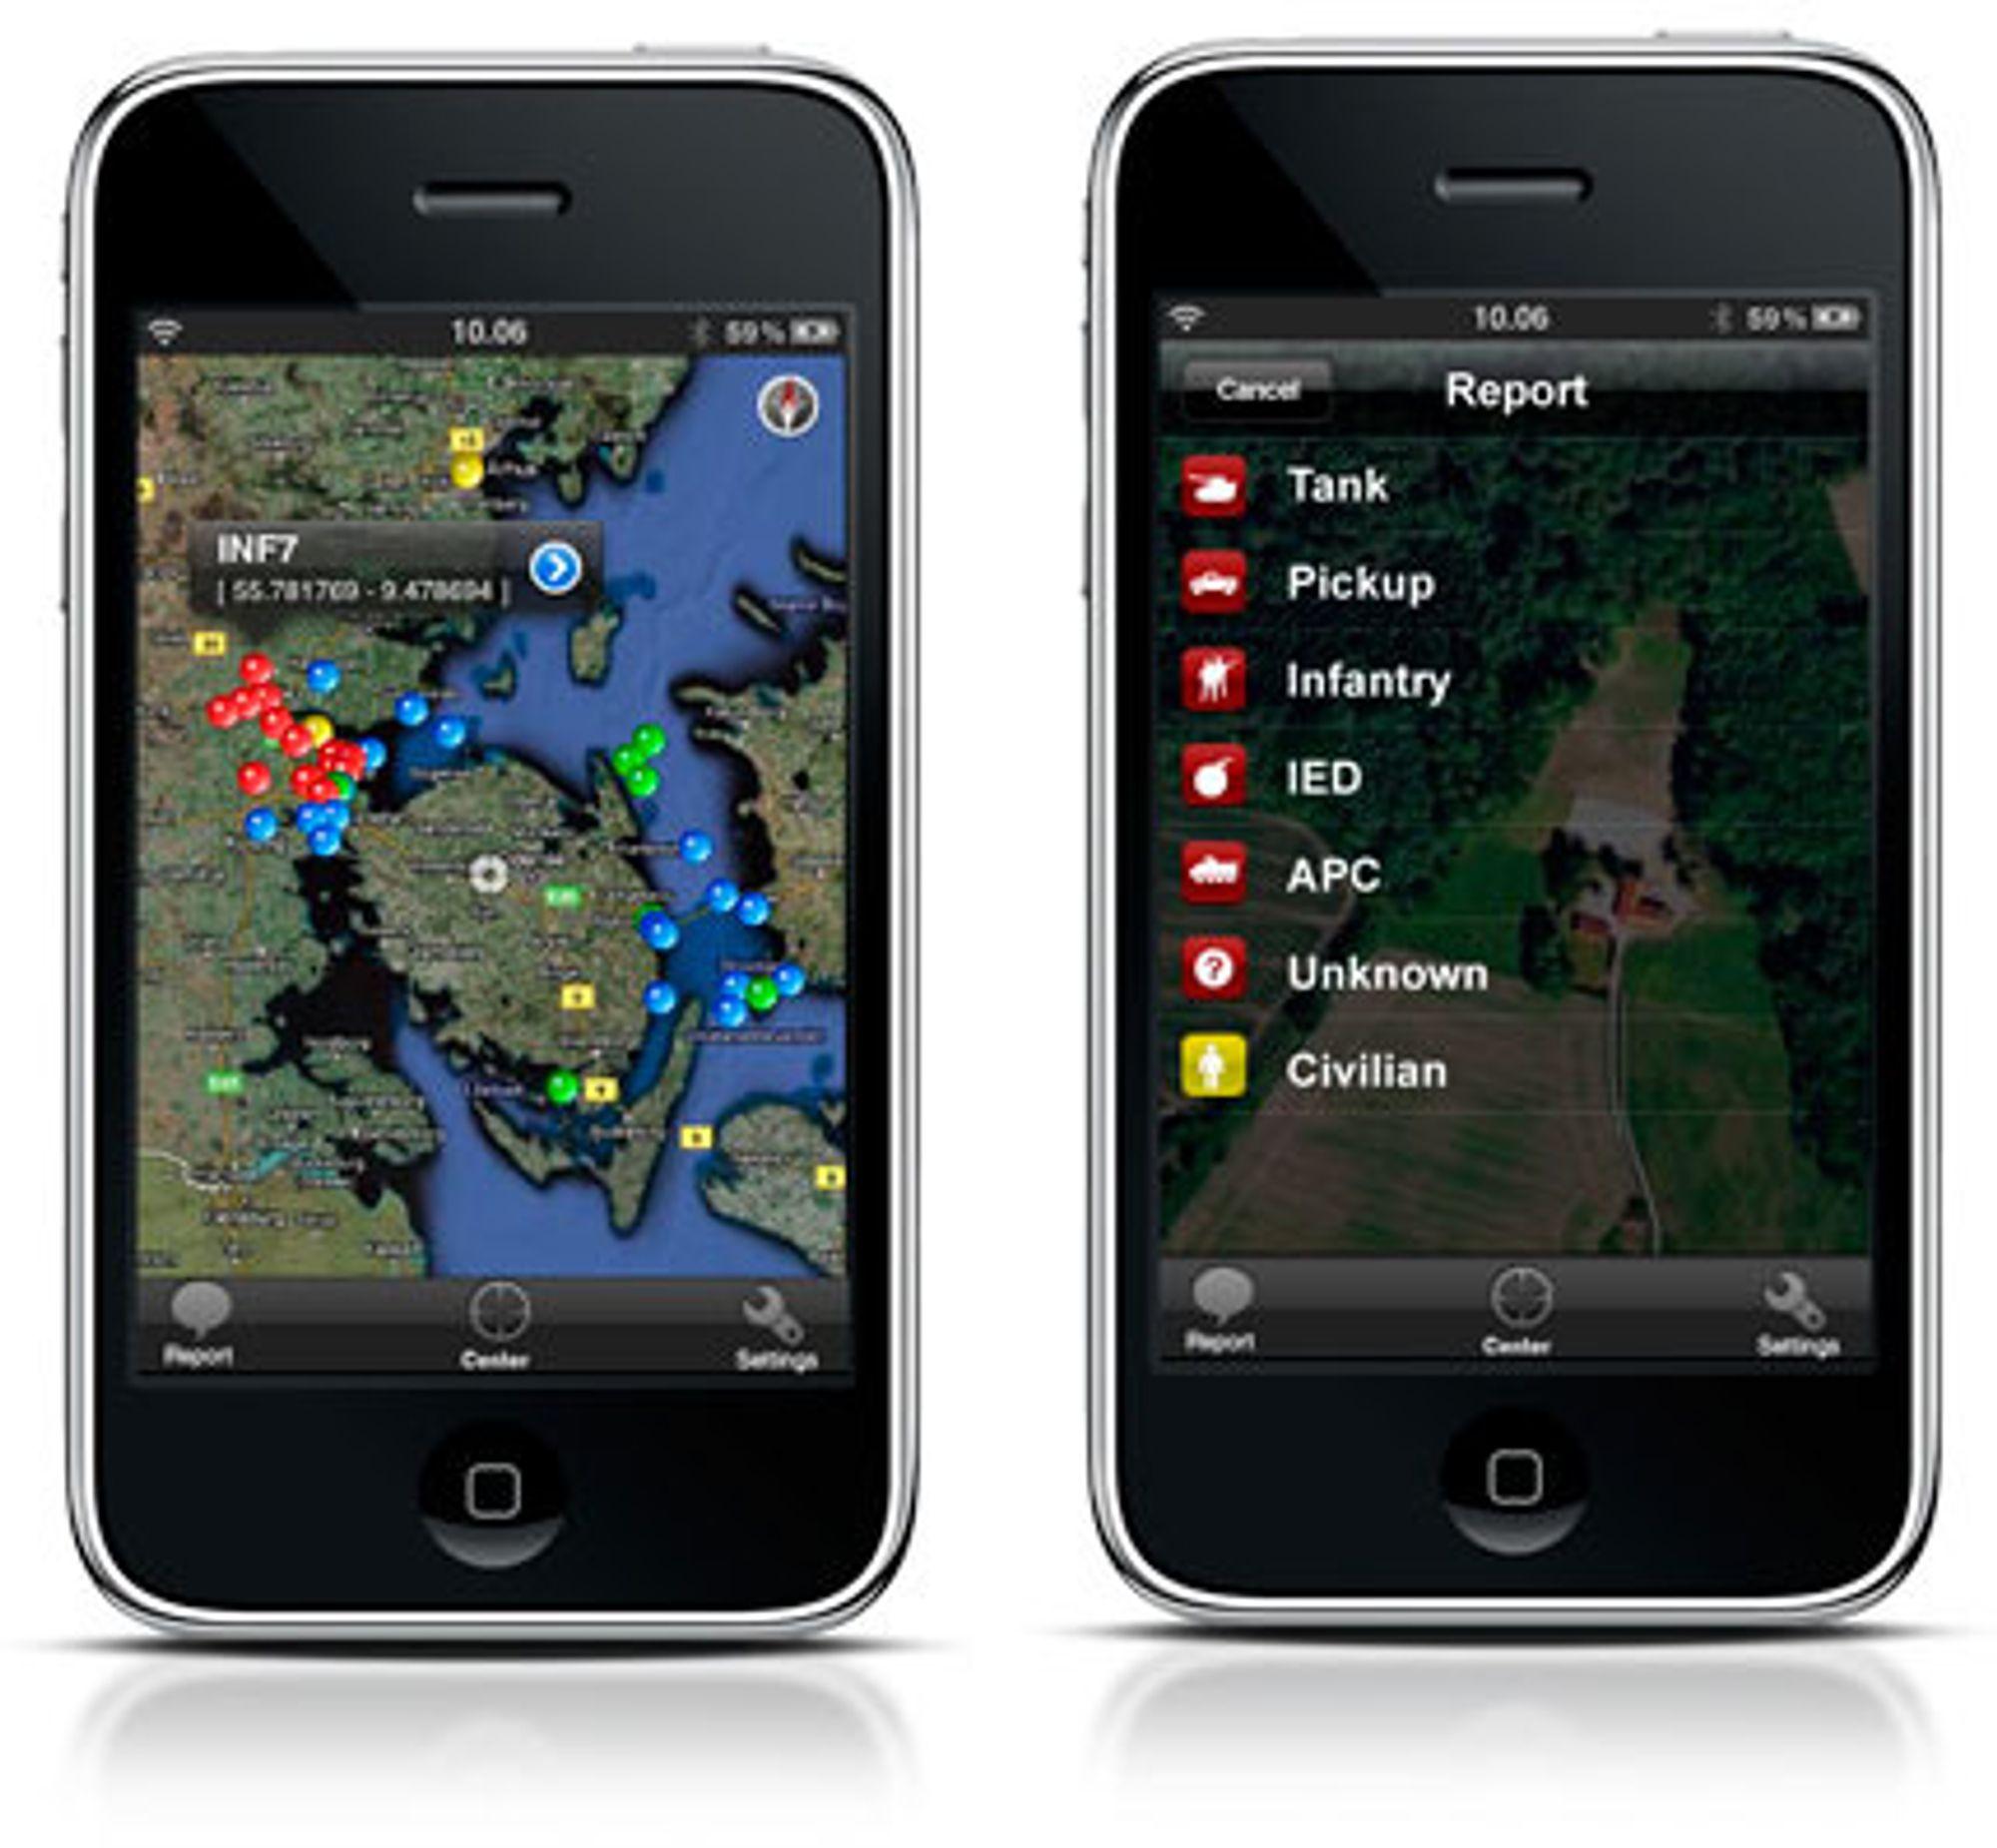 Tidlig utgave av Systematics Situation Awareness-applikasjon til iPhone.